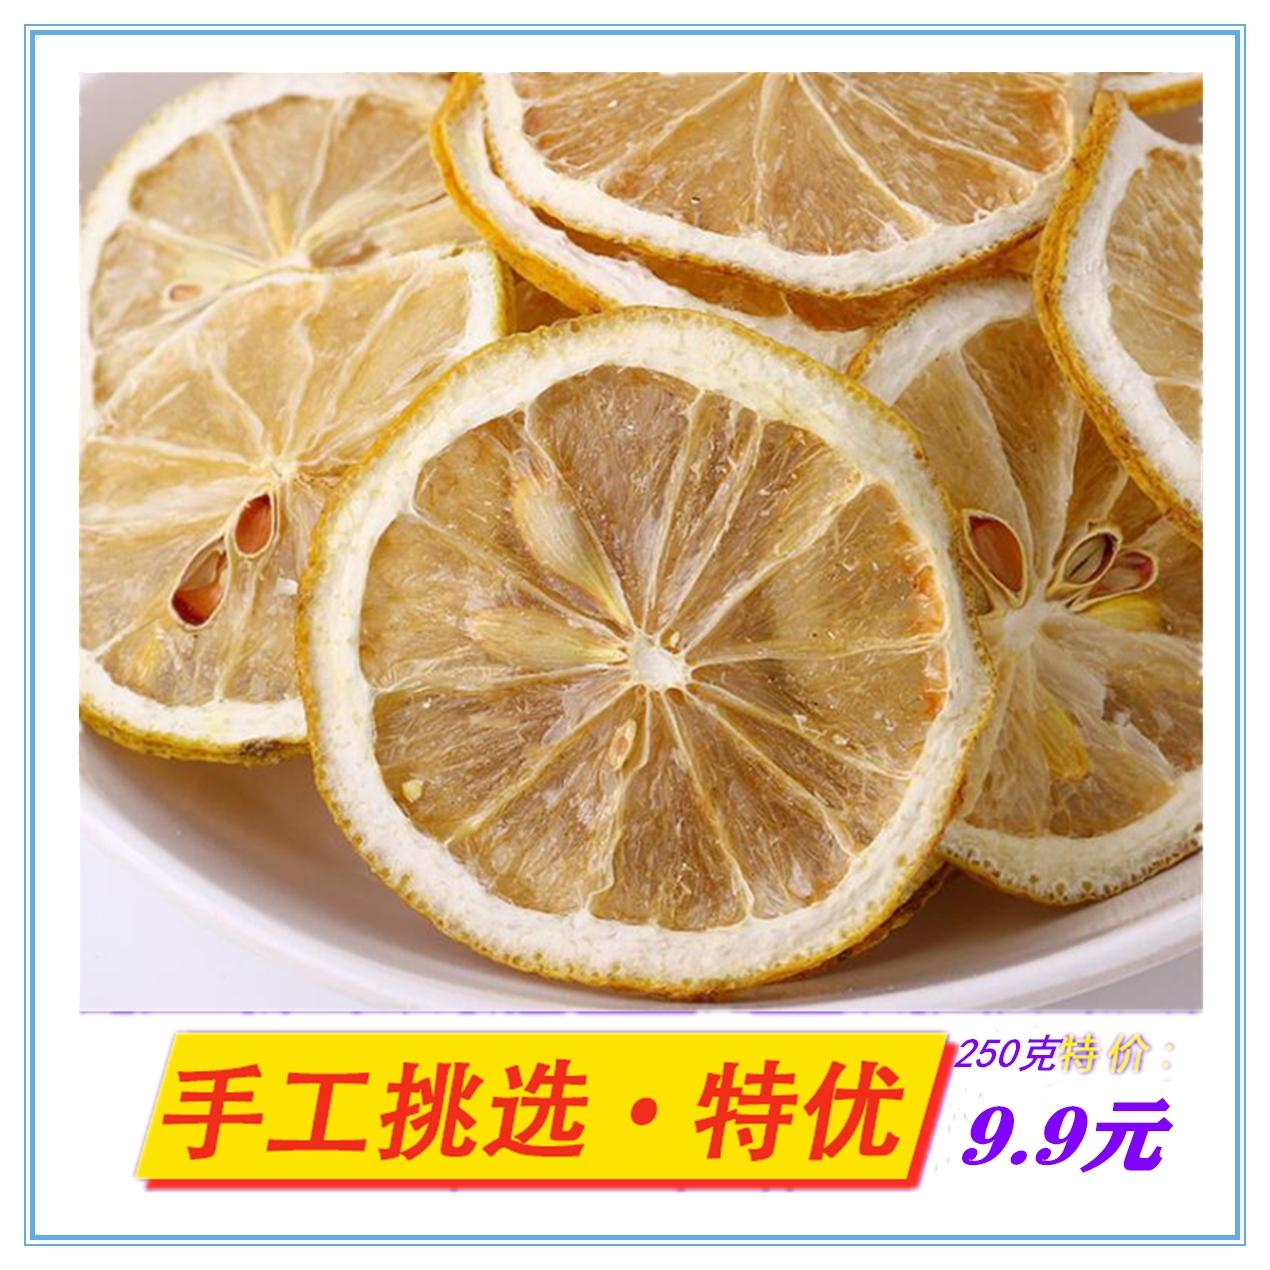 精选柠檬片250g包邮 泡茶干片泡水柠檬水果茶散装袋装花茶